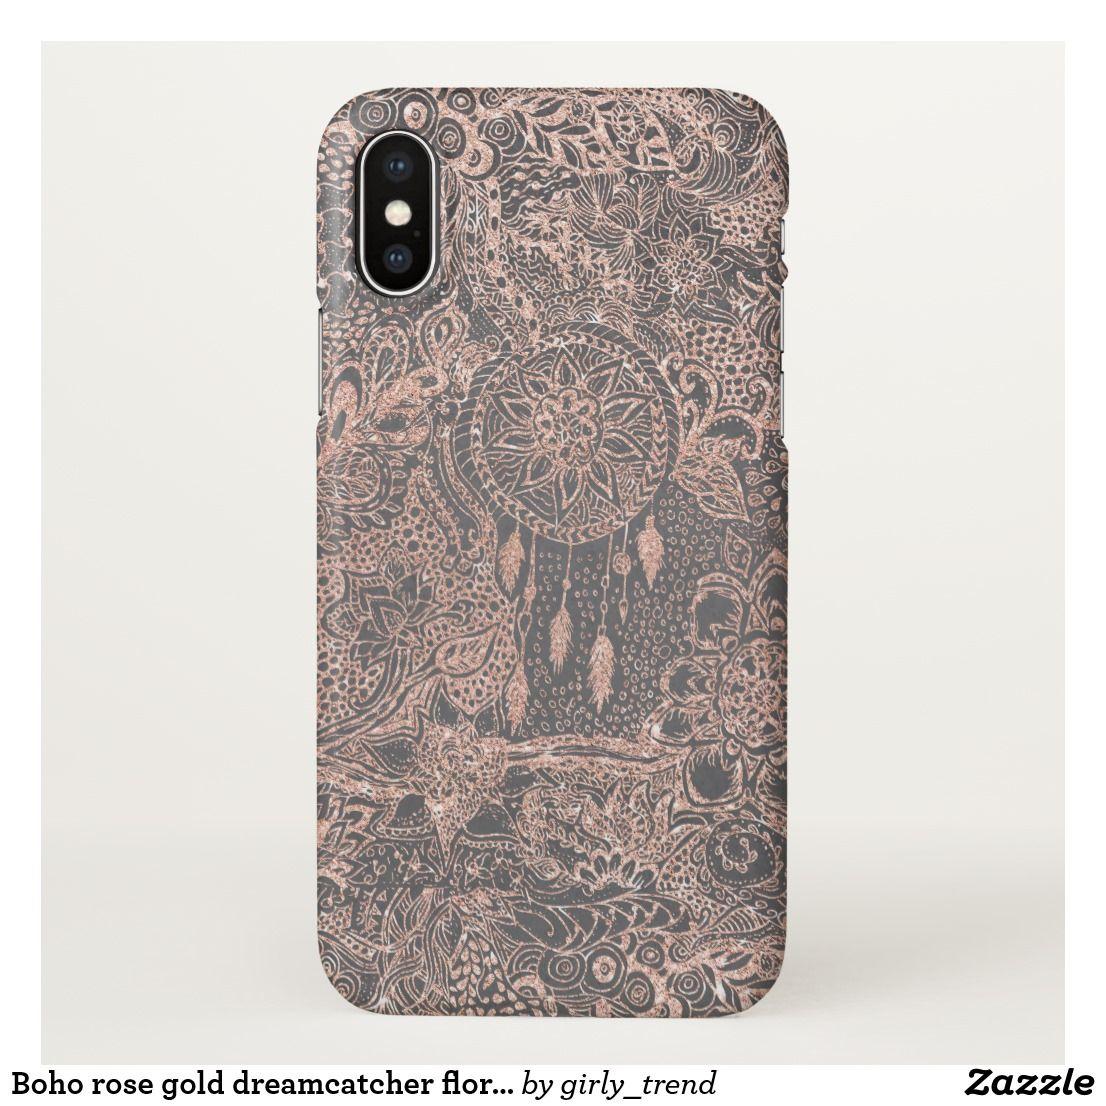 innovative design 2cd4a f5965 Boho rose gold dreamcatcher floral doodles on grey iPhone case ...